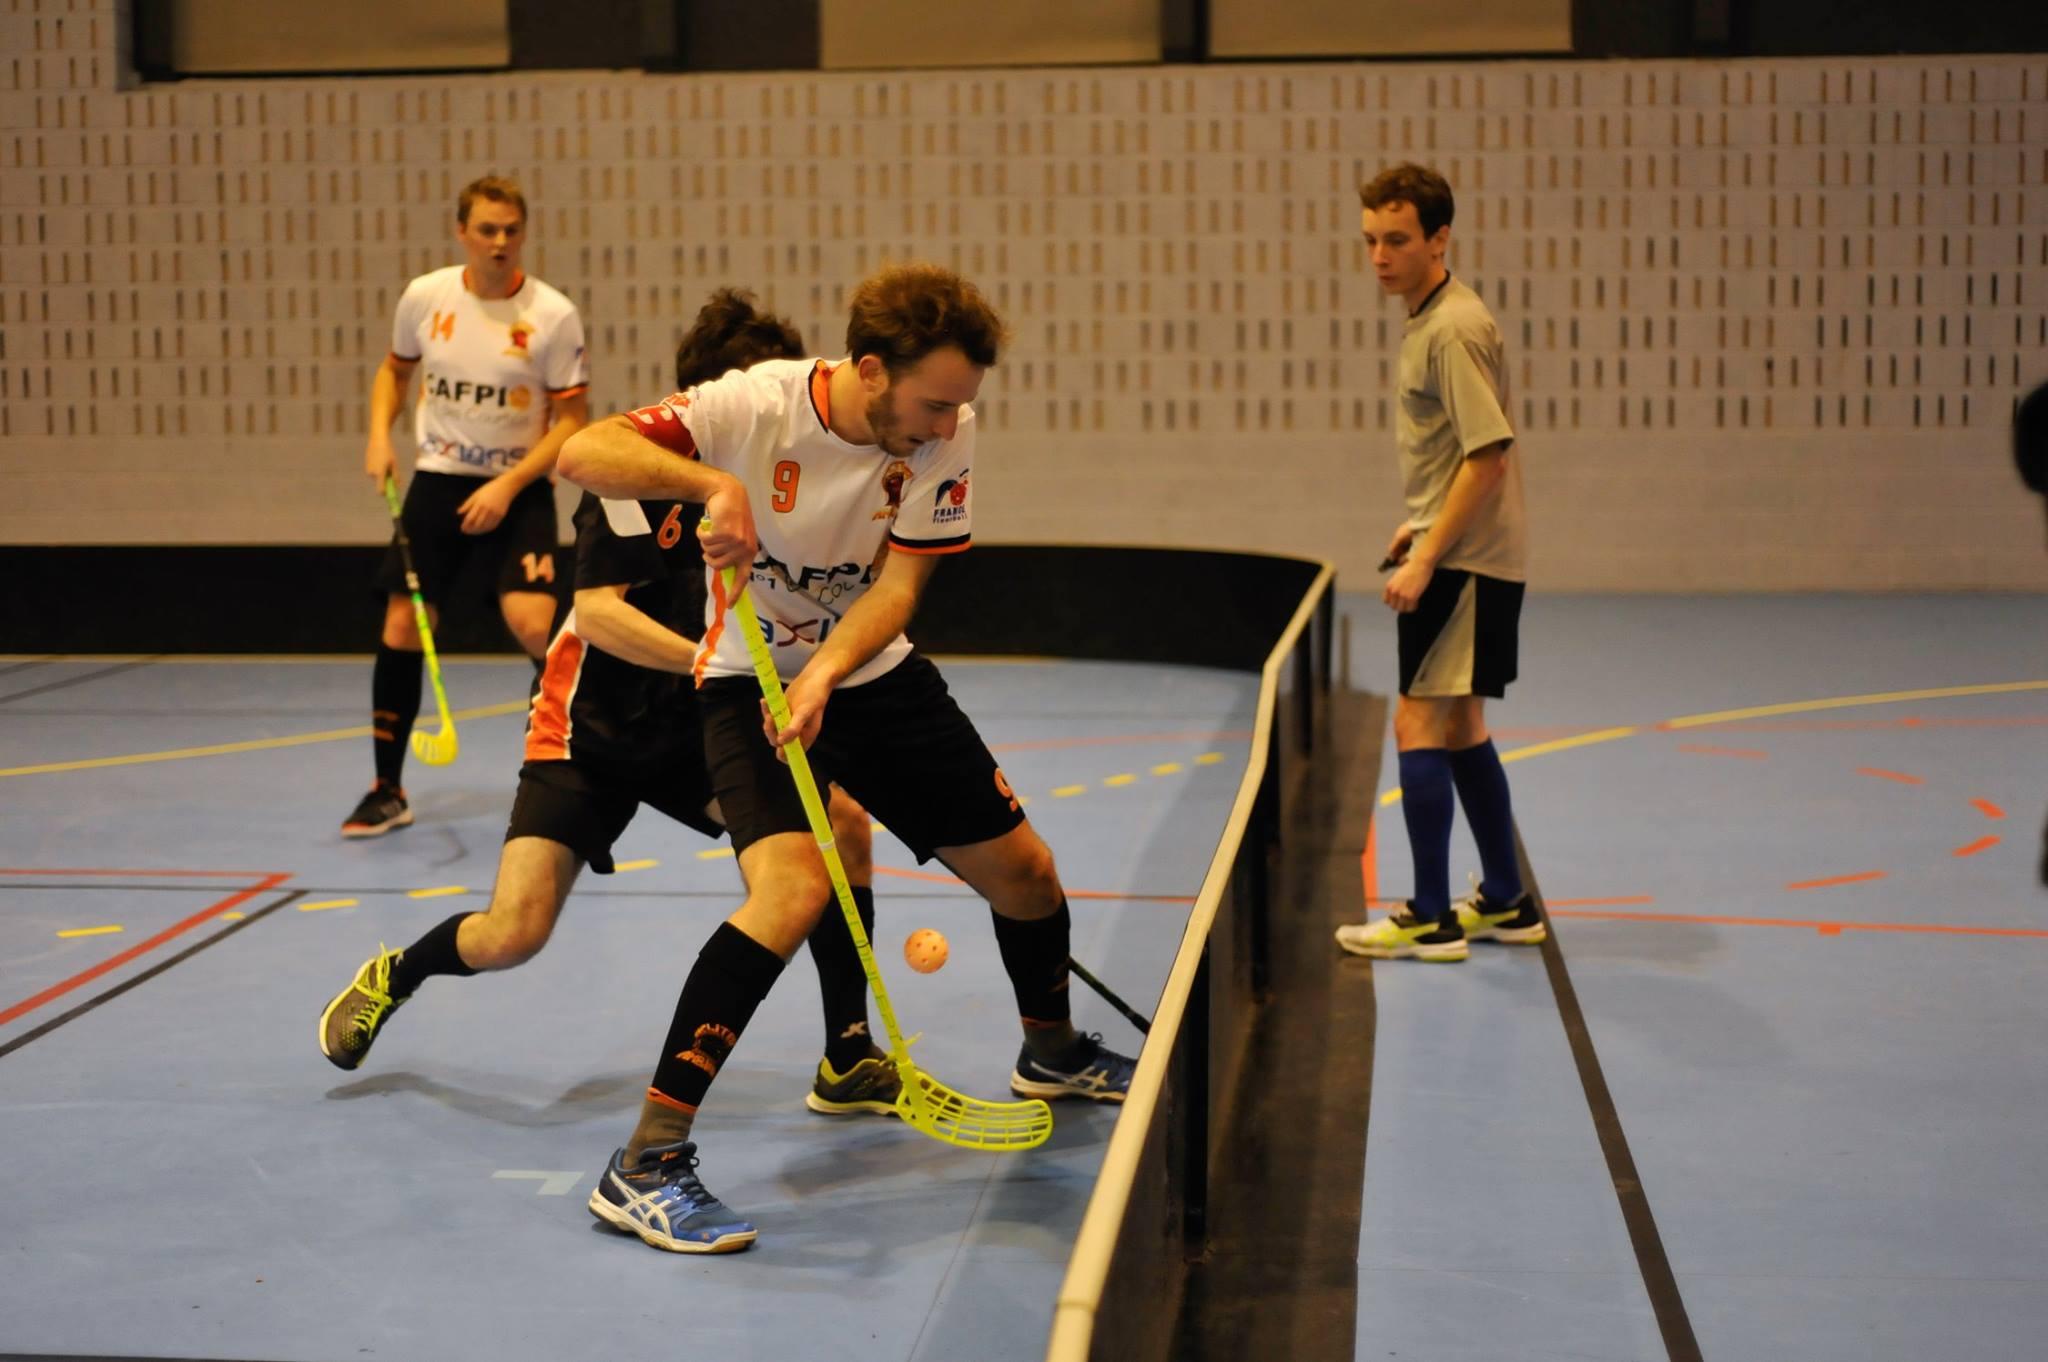 Amiens N1 vs Grenoble